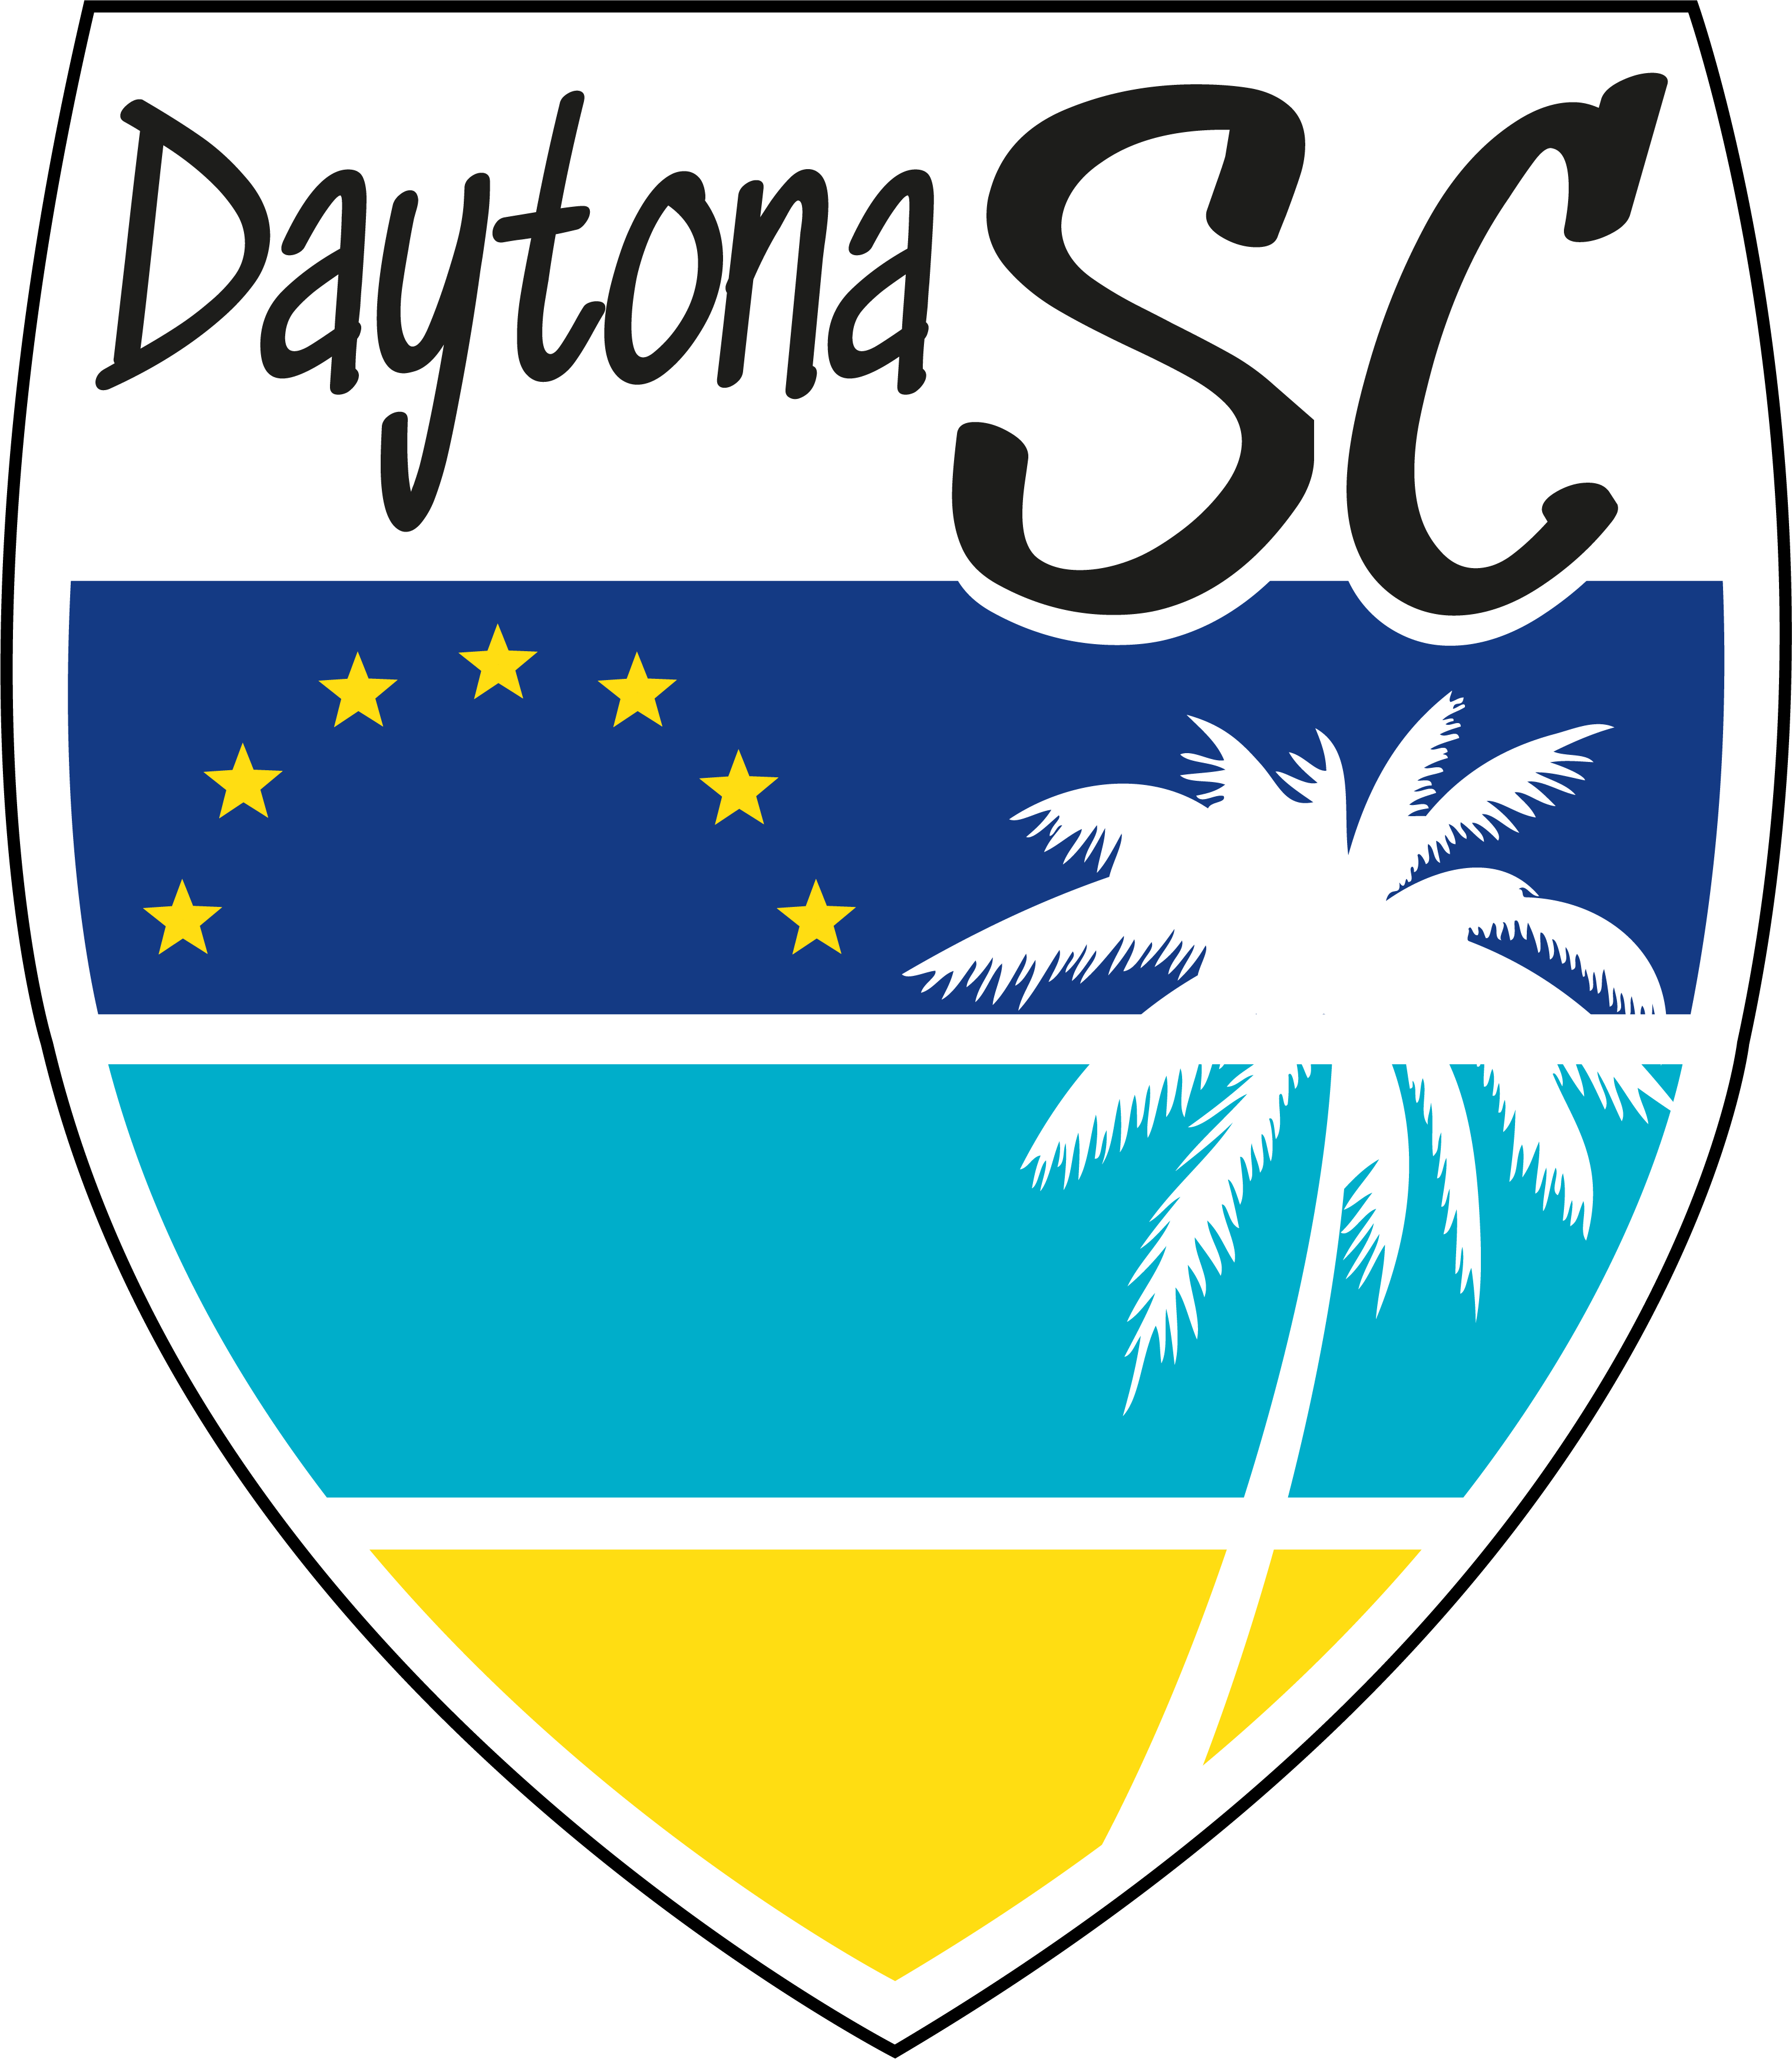 Daytona SC